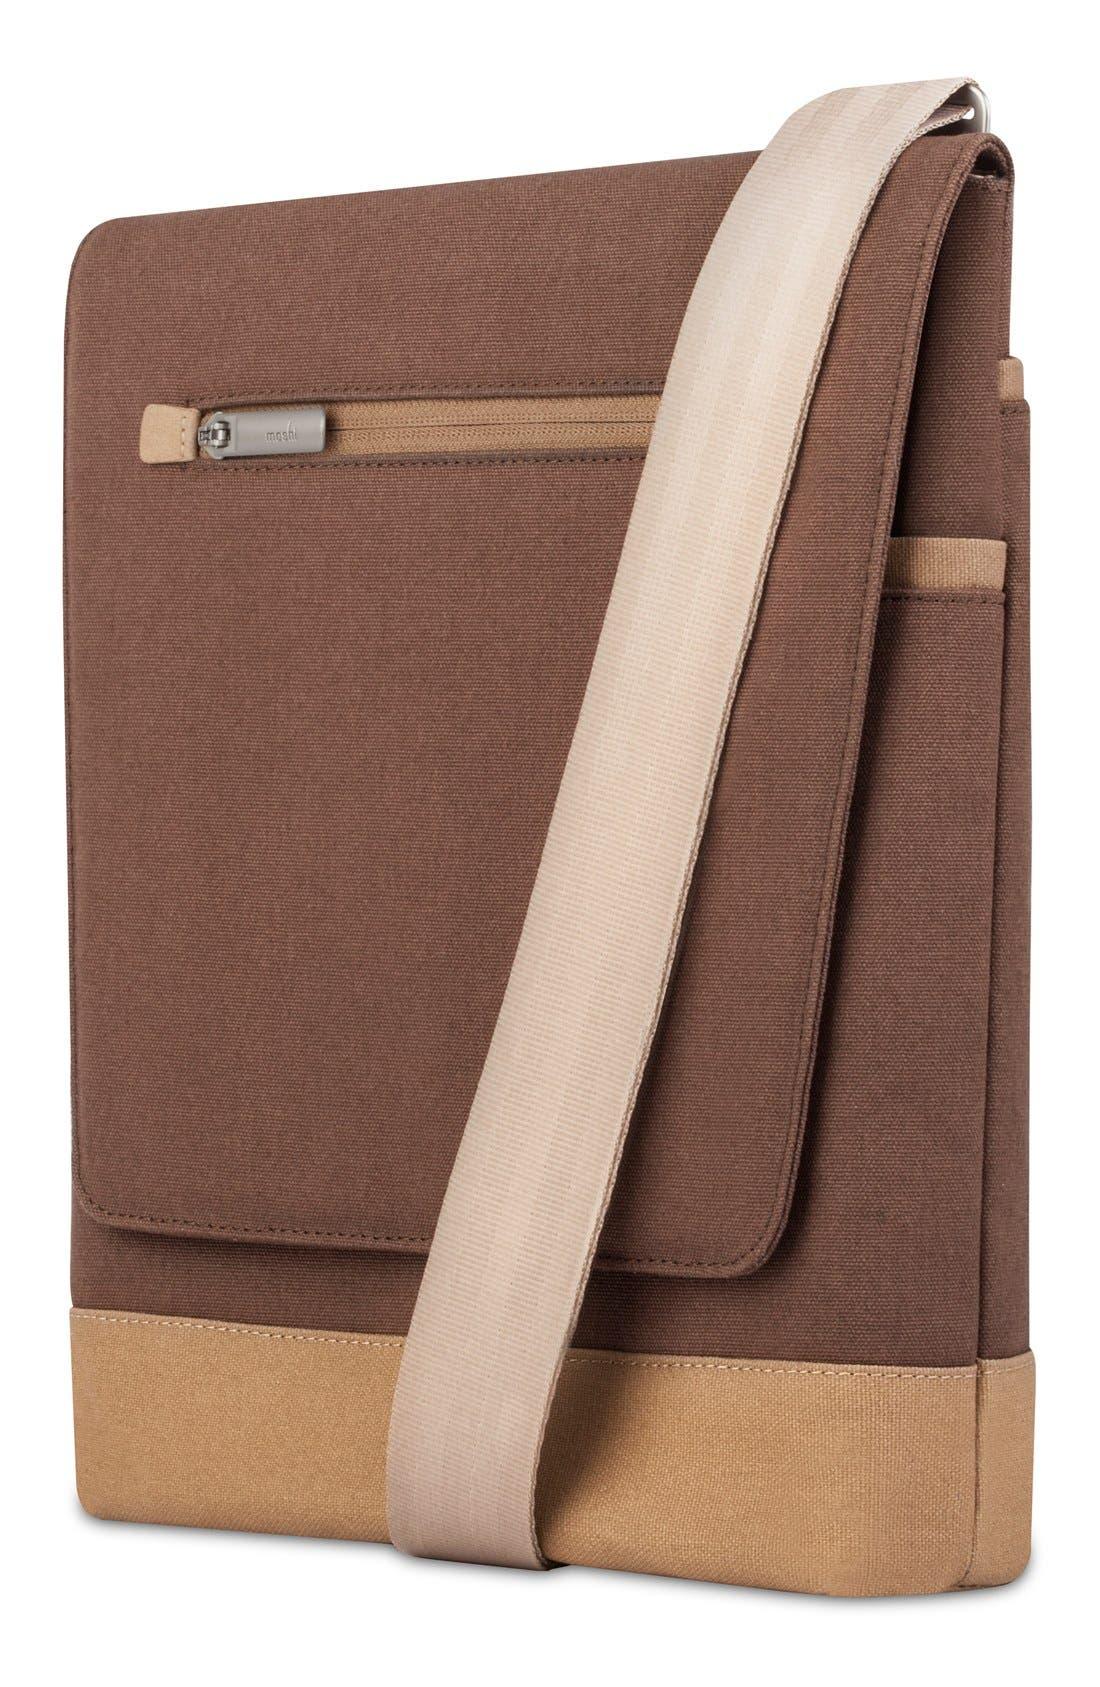 MOSHI Aerio Lite Crossbody Bag